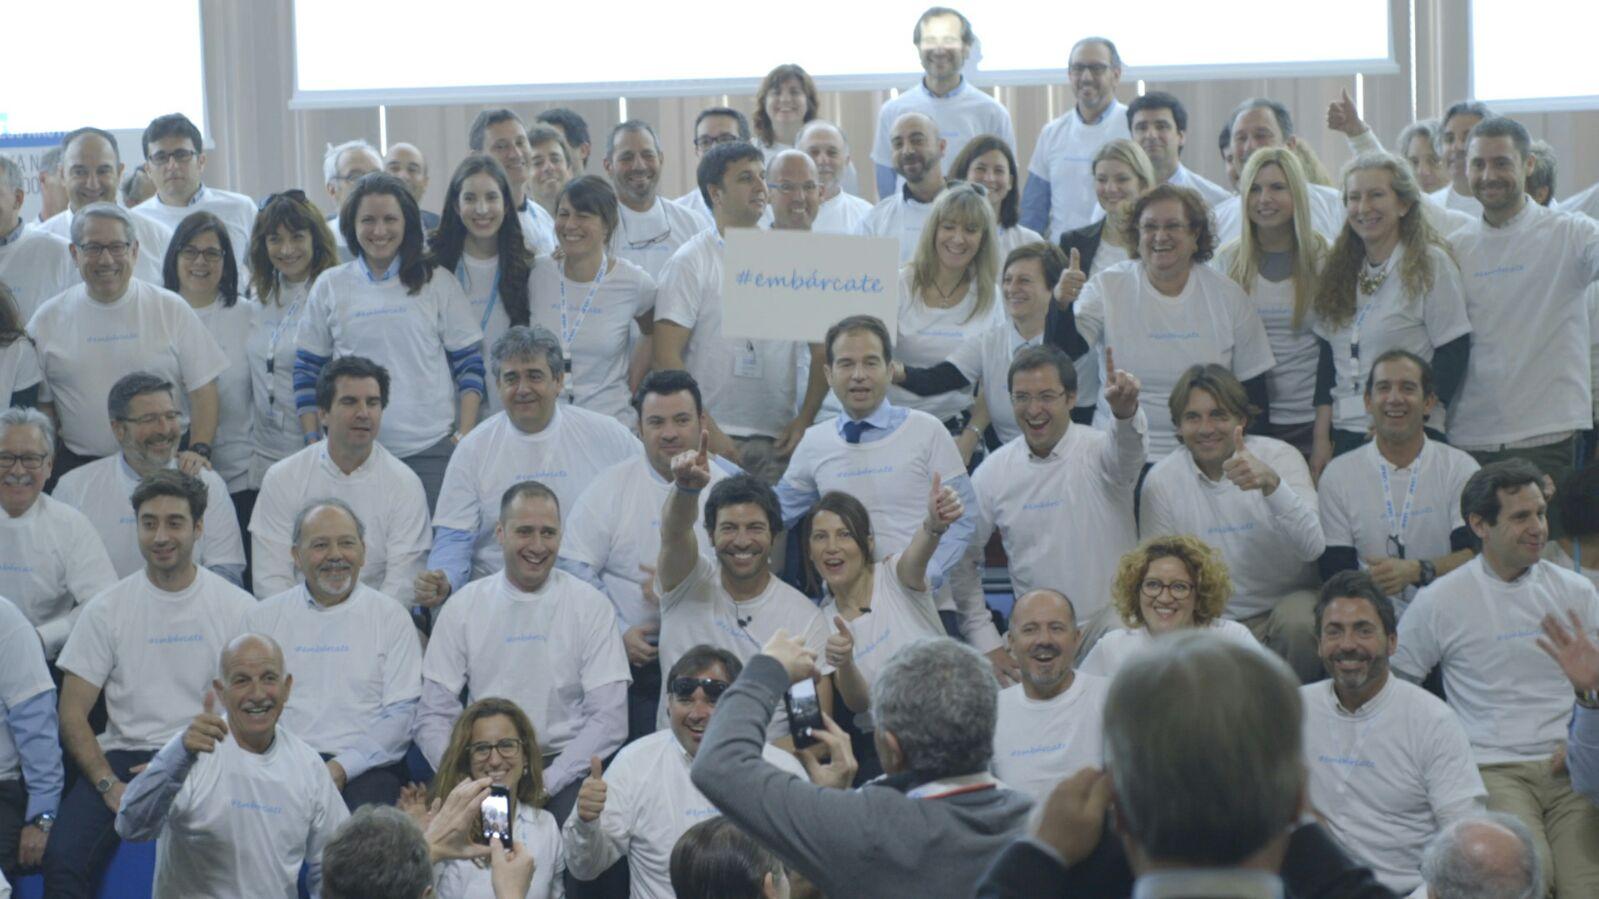 Se acerca el Congreso Náutico, en el que #embárcate y sus historias volverán al escenario